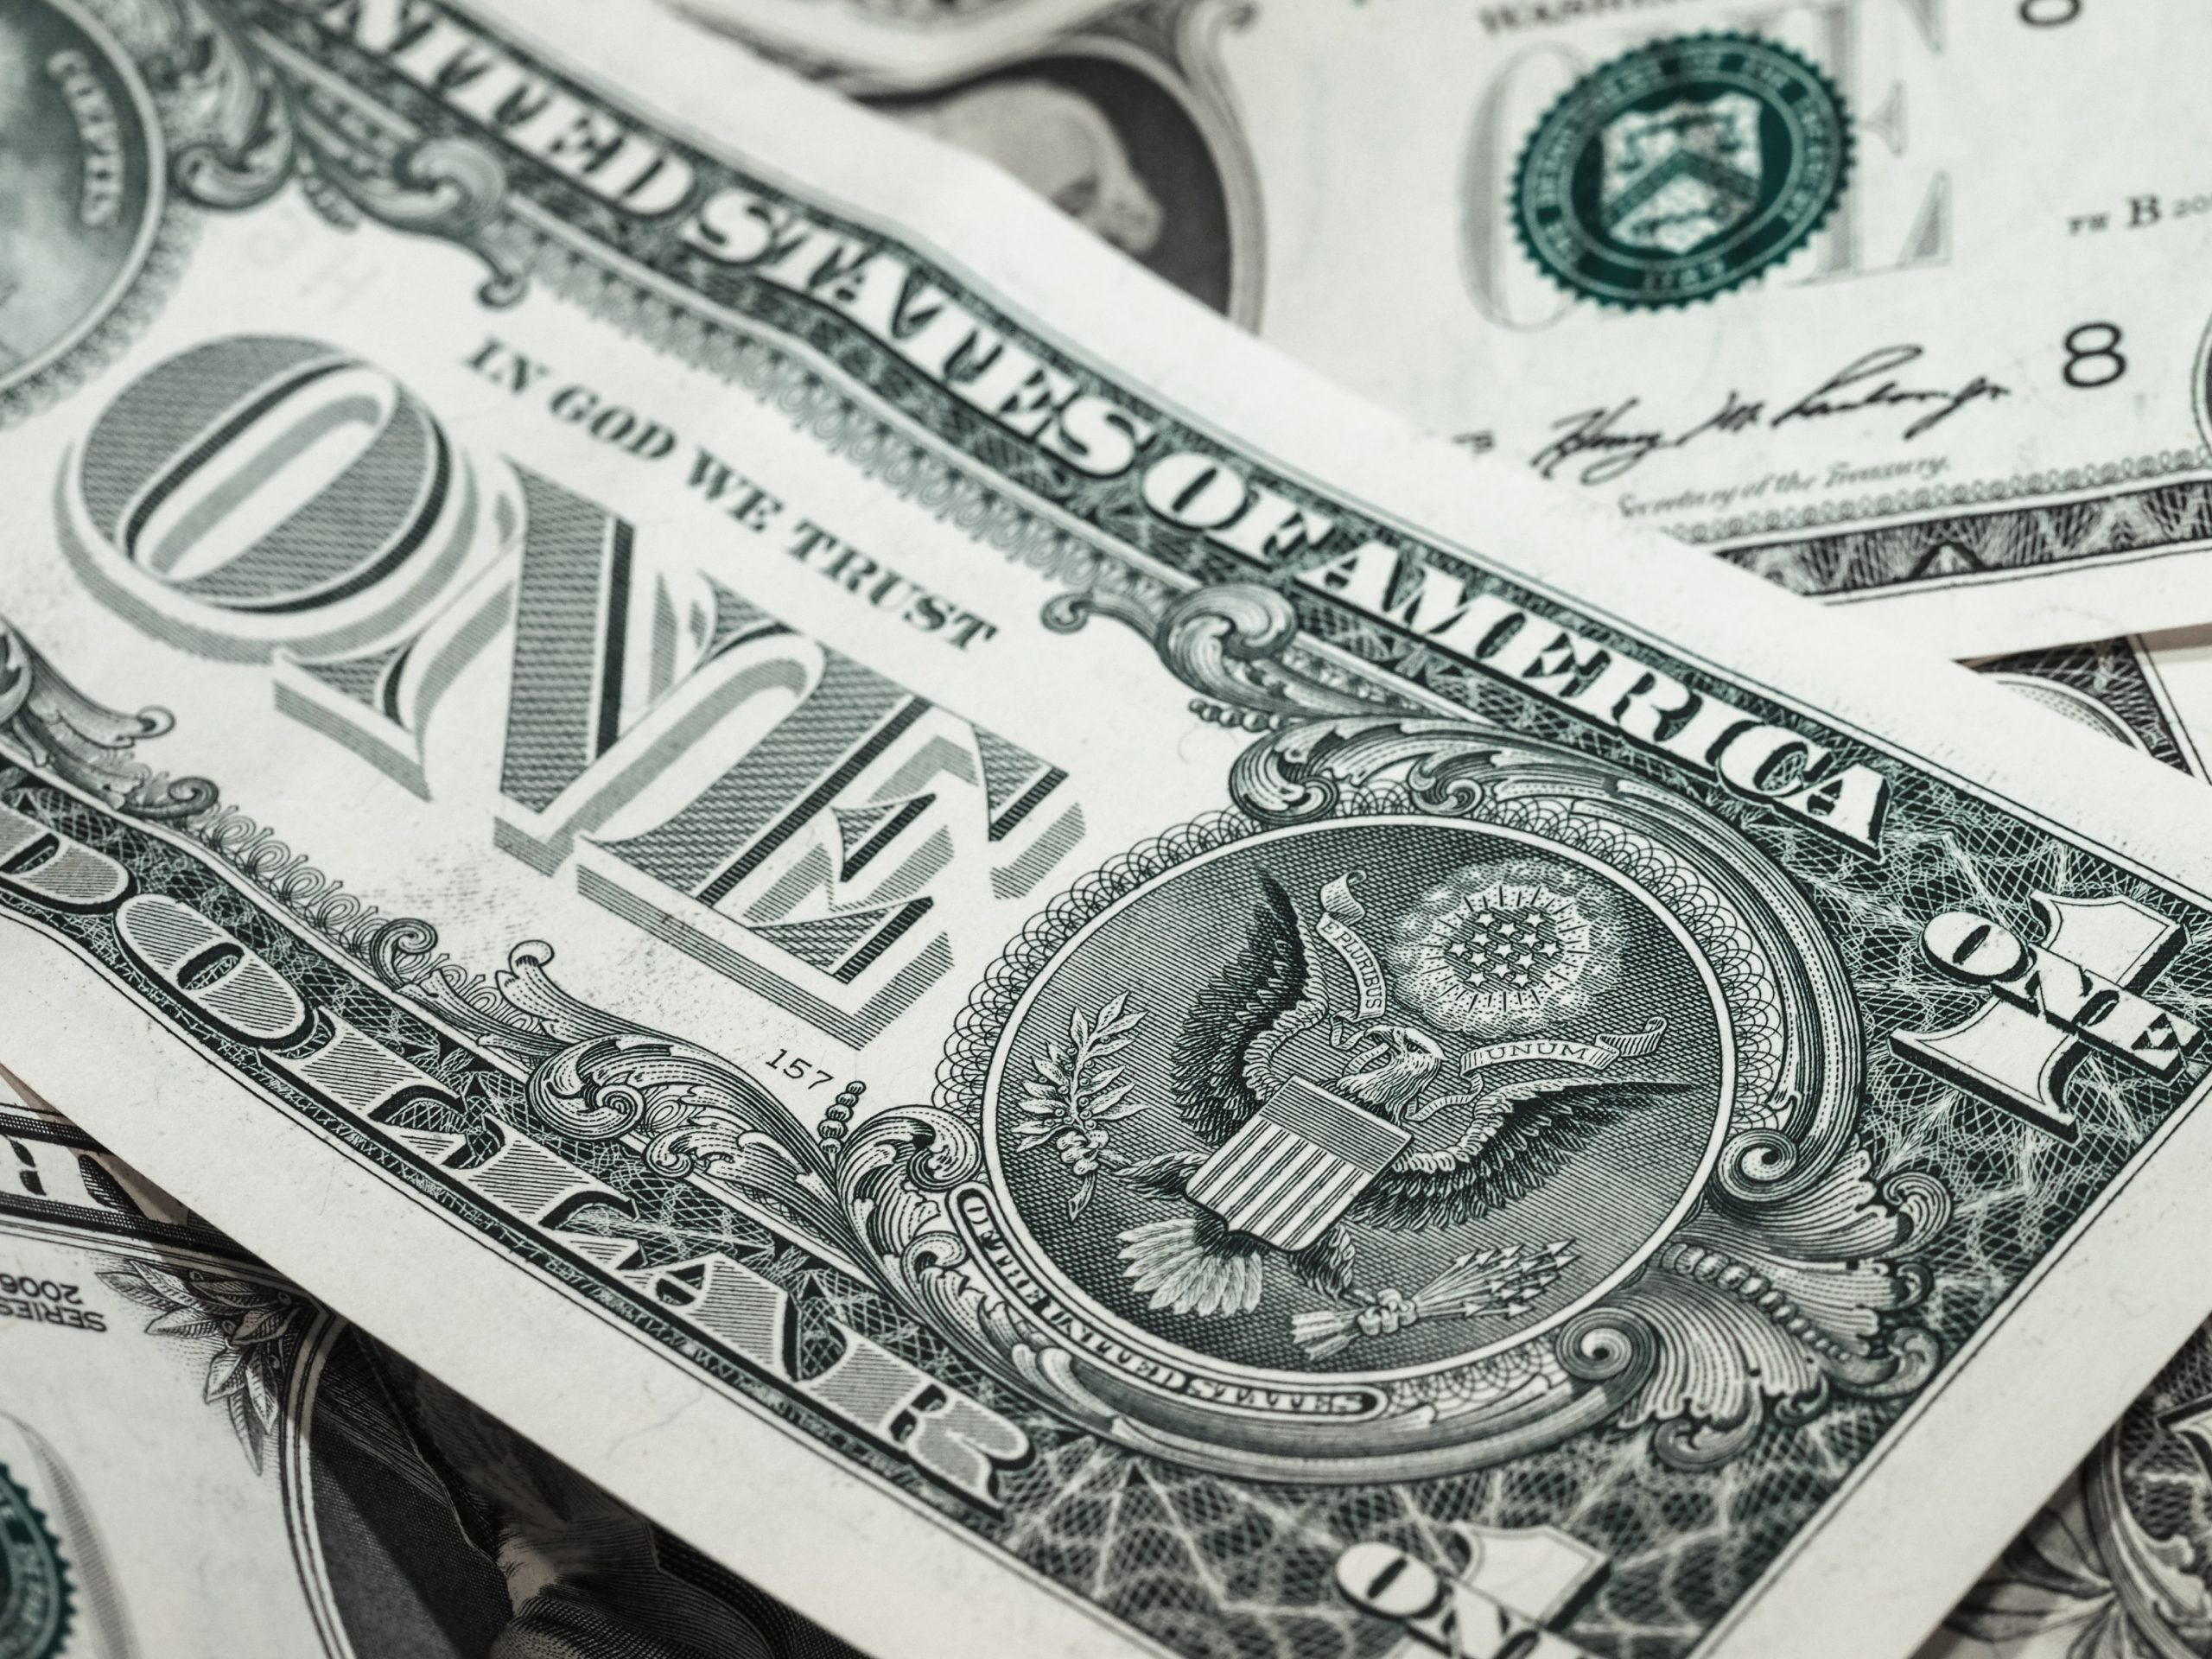 De Dollar zakt verder weg